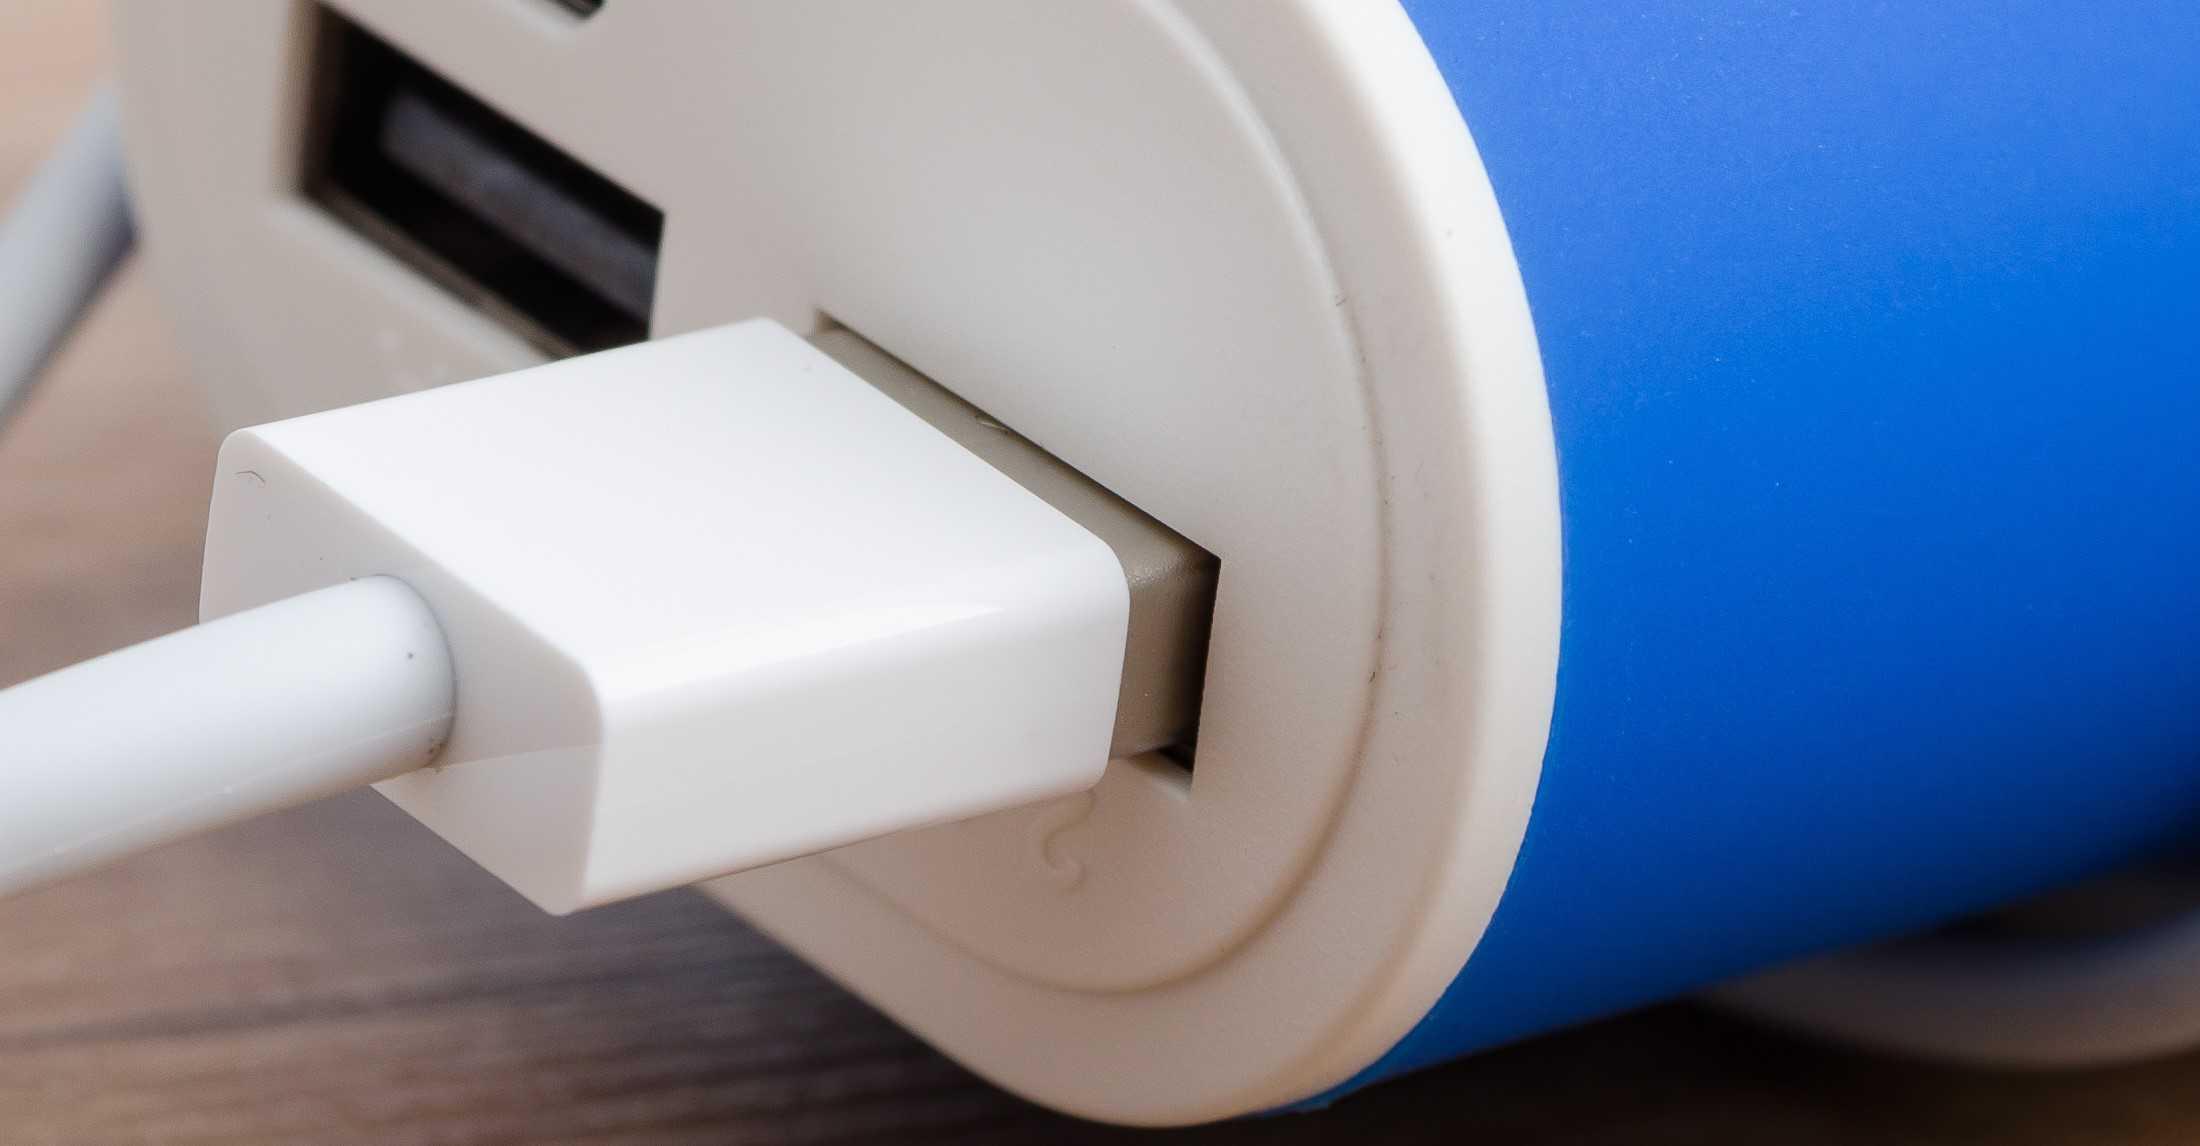 Carregador portátil: Qual é o melhor power bank de 2020?